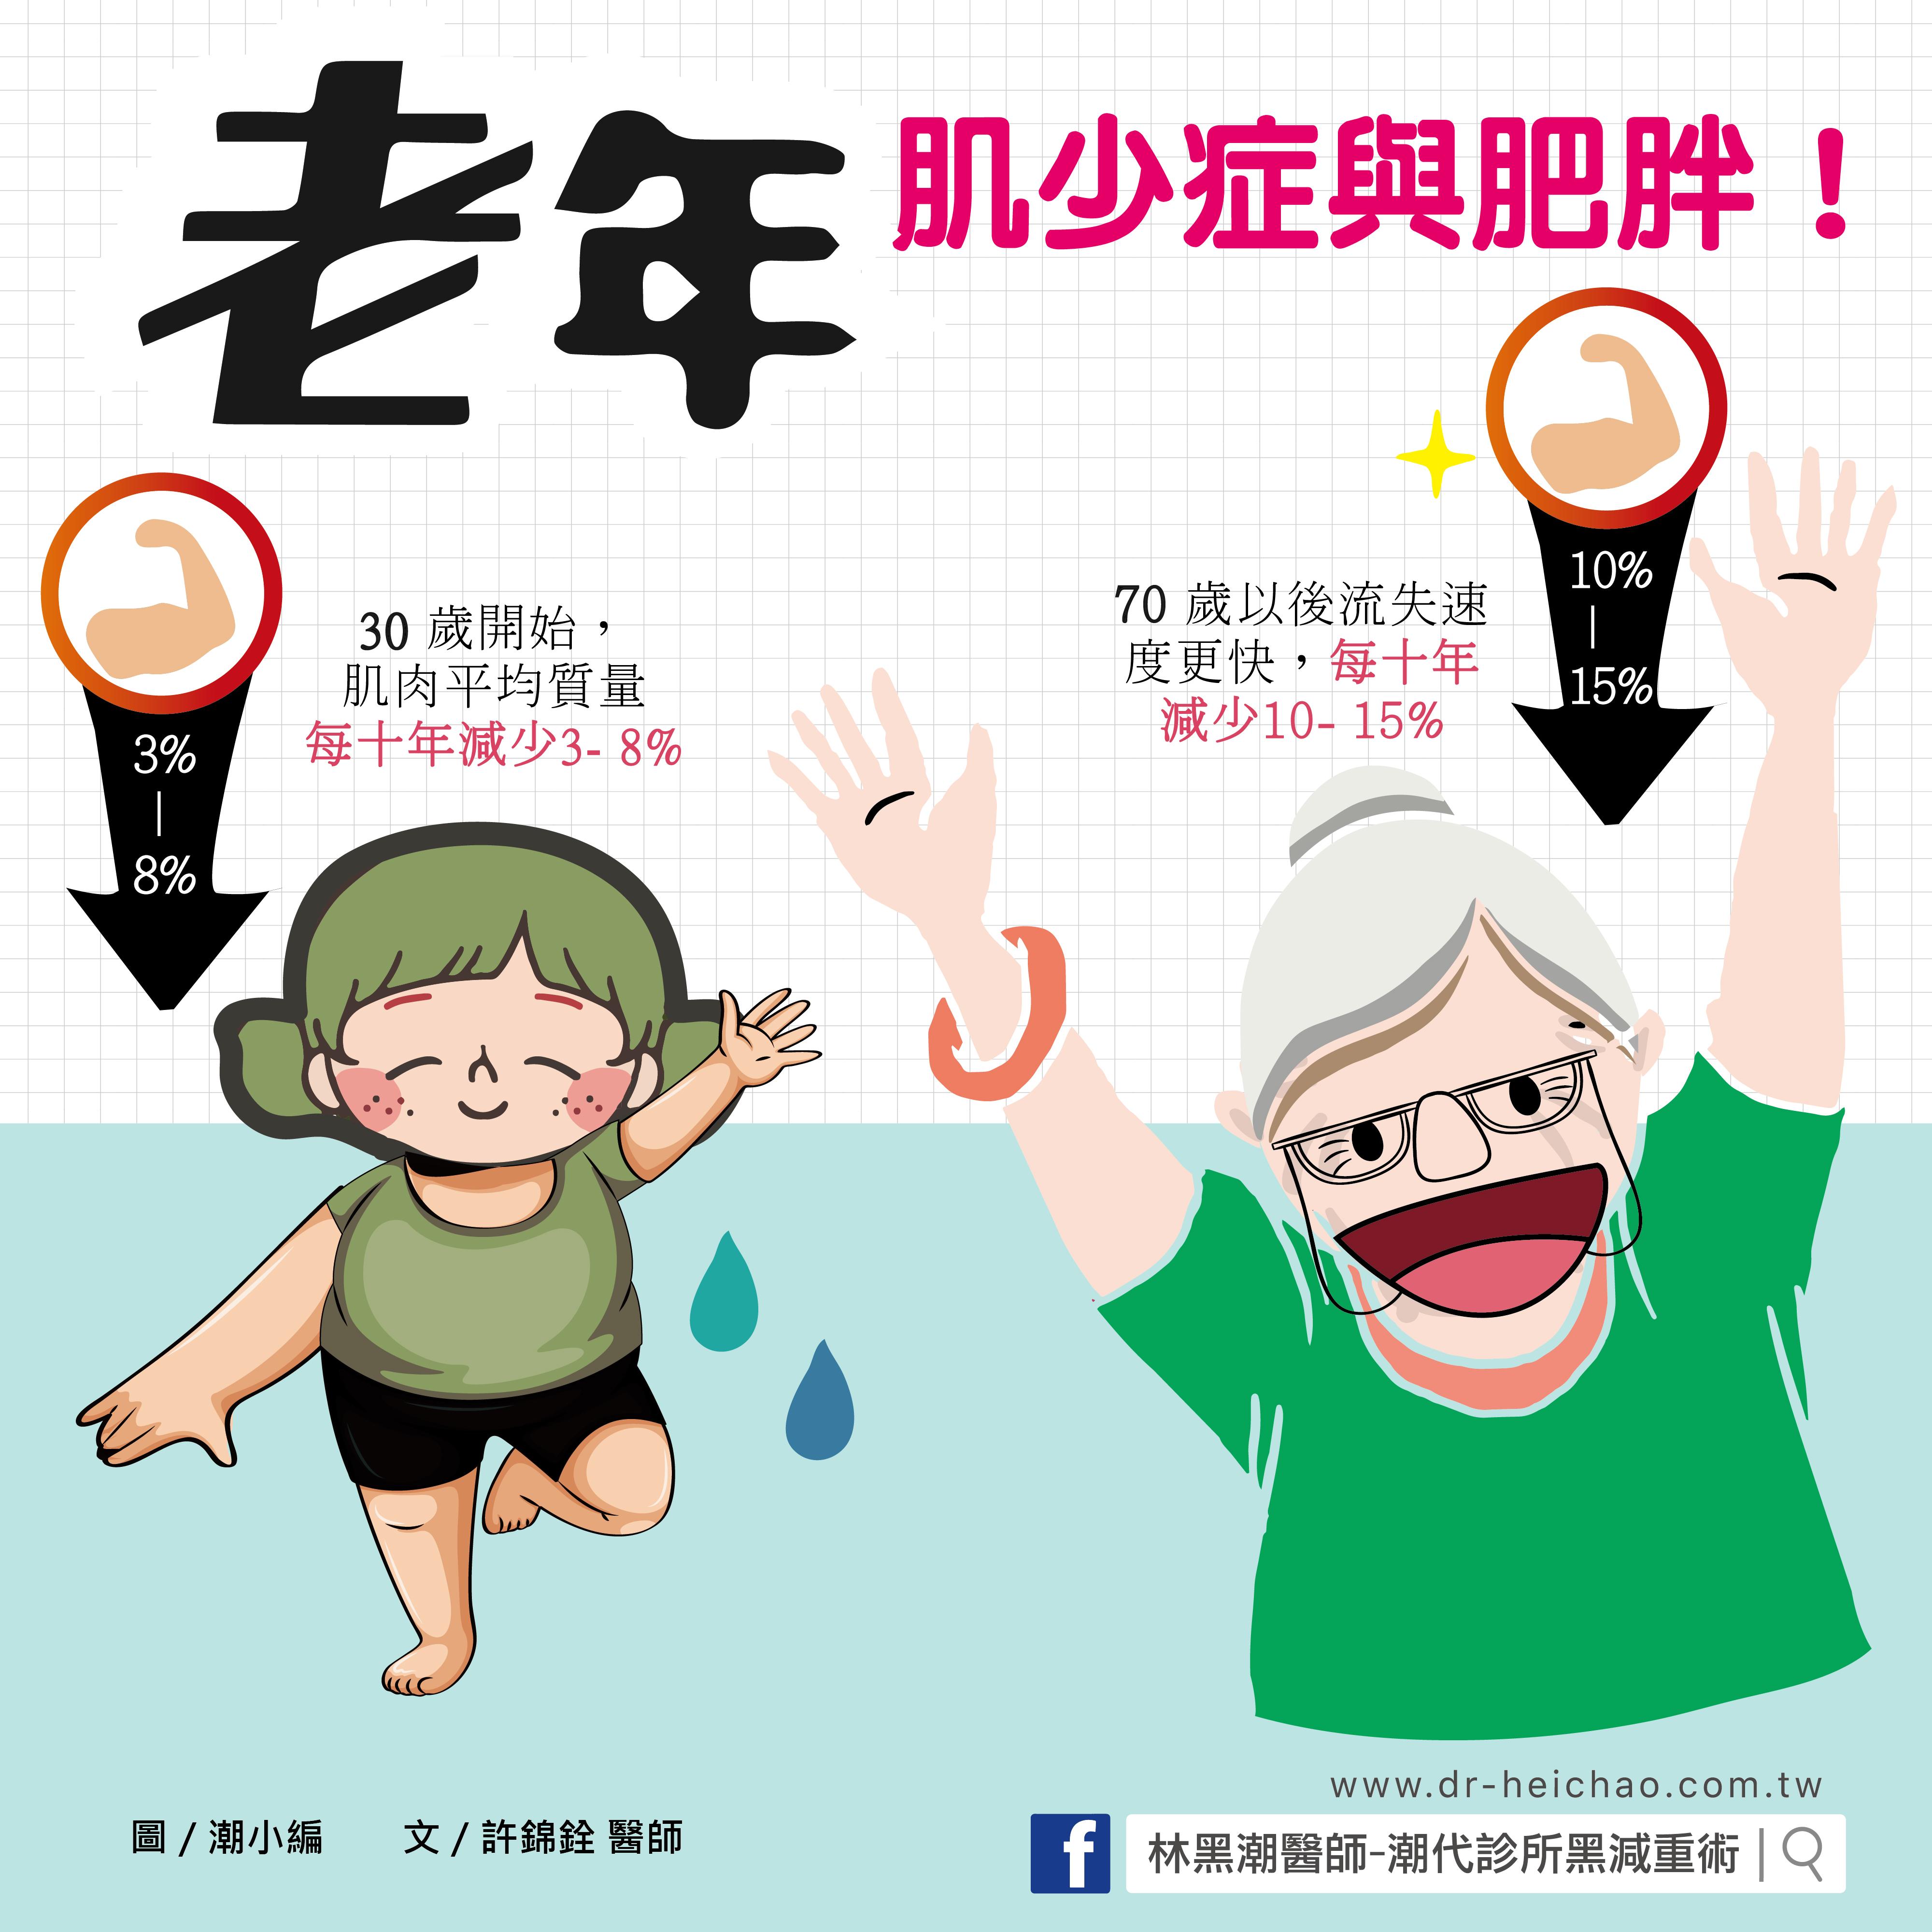 老年肌少症與肥胖